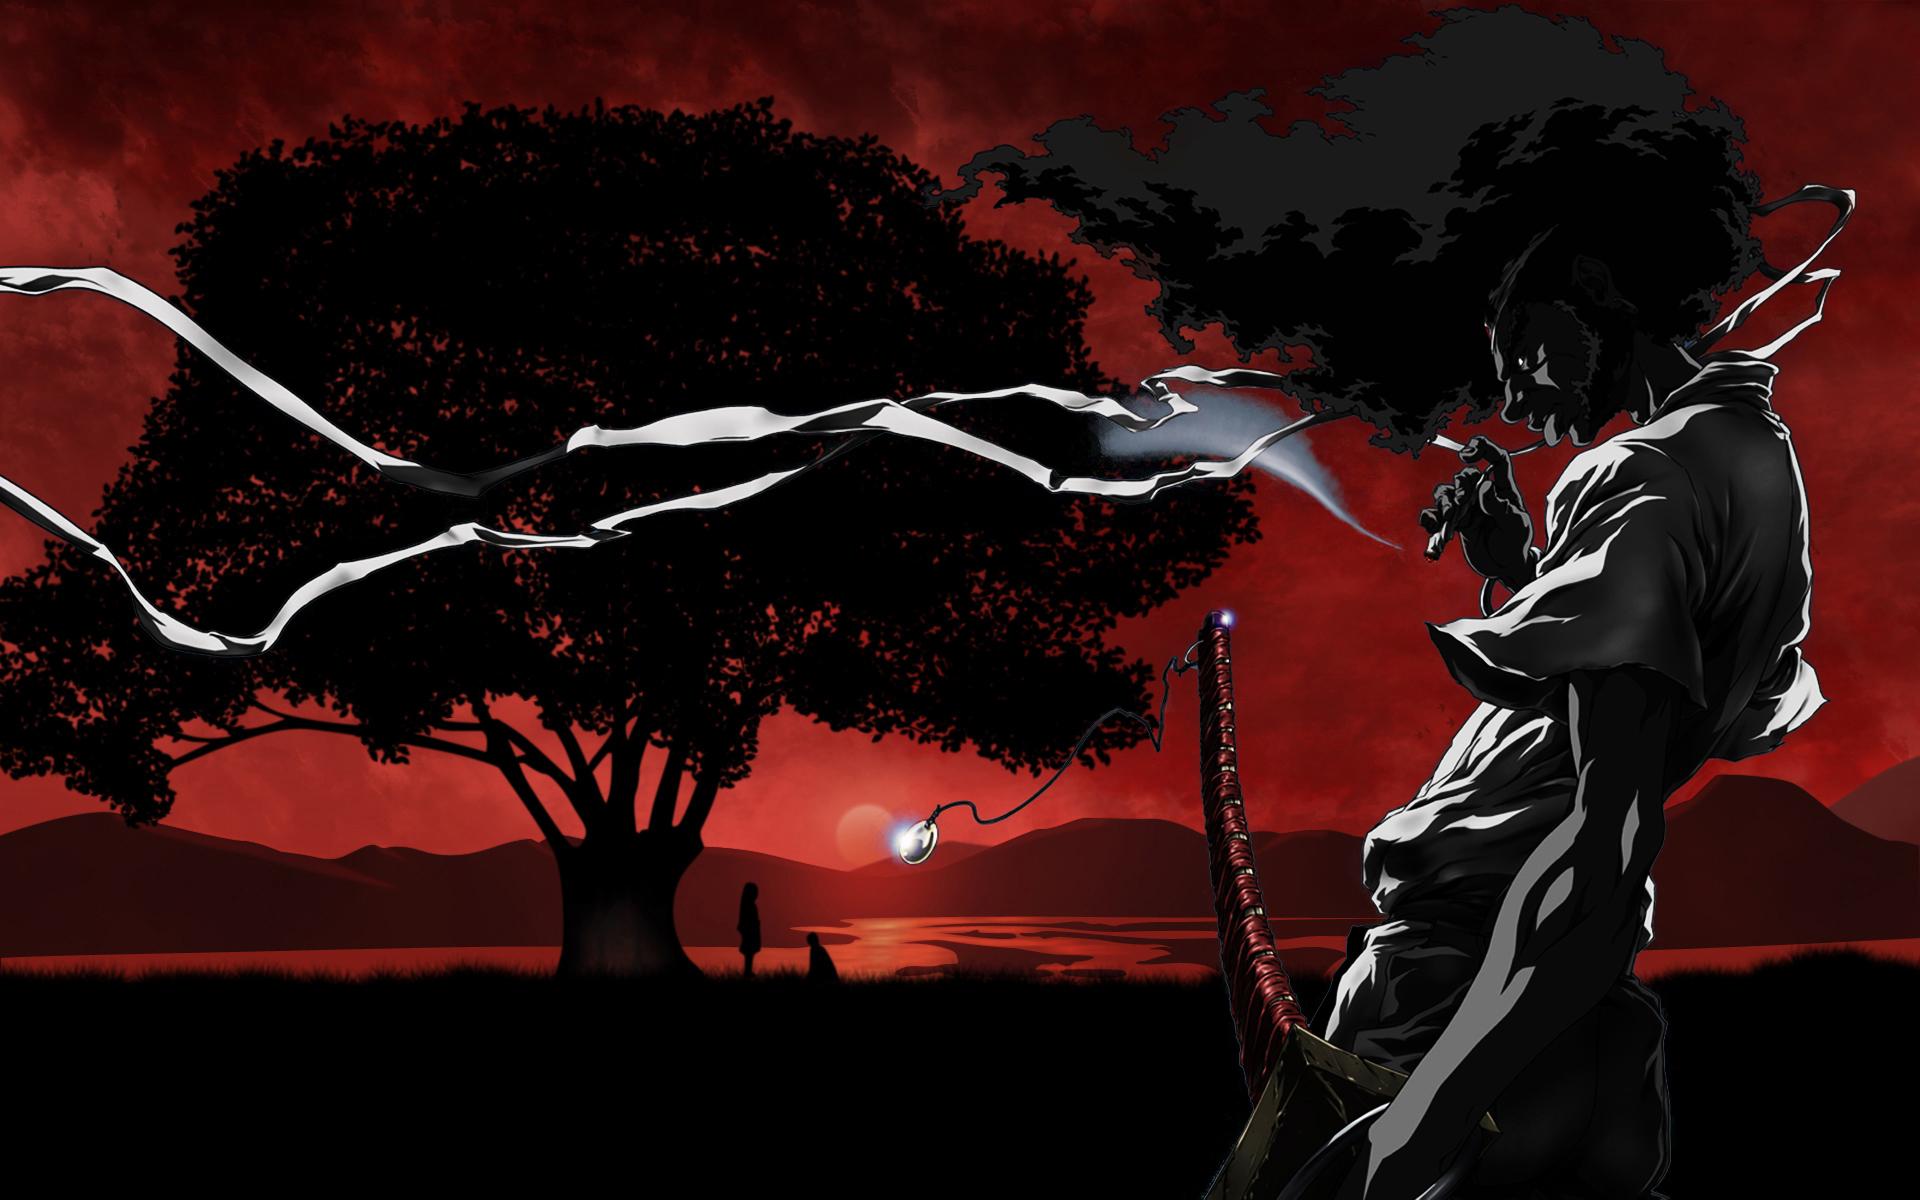 Afro Samurai 2 Jeu Playstation 4   Images vidos astuces et avis 1920x1200